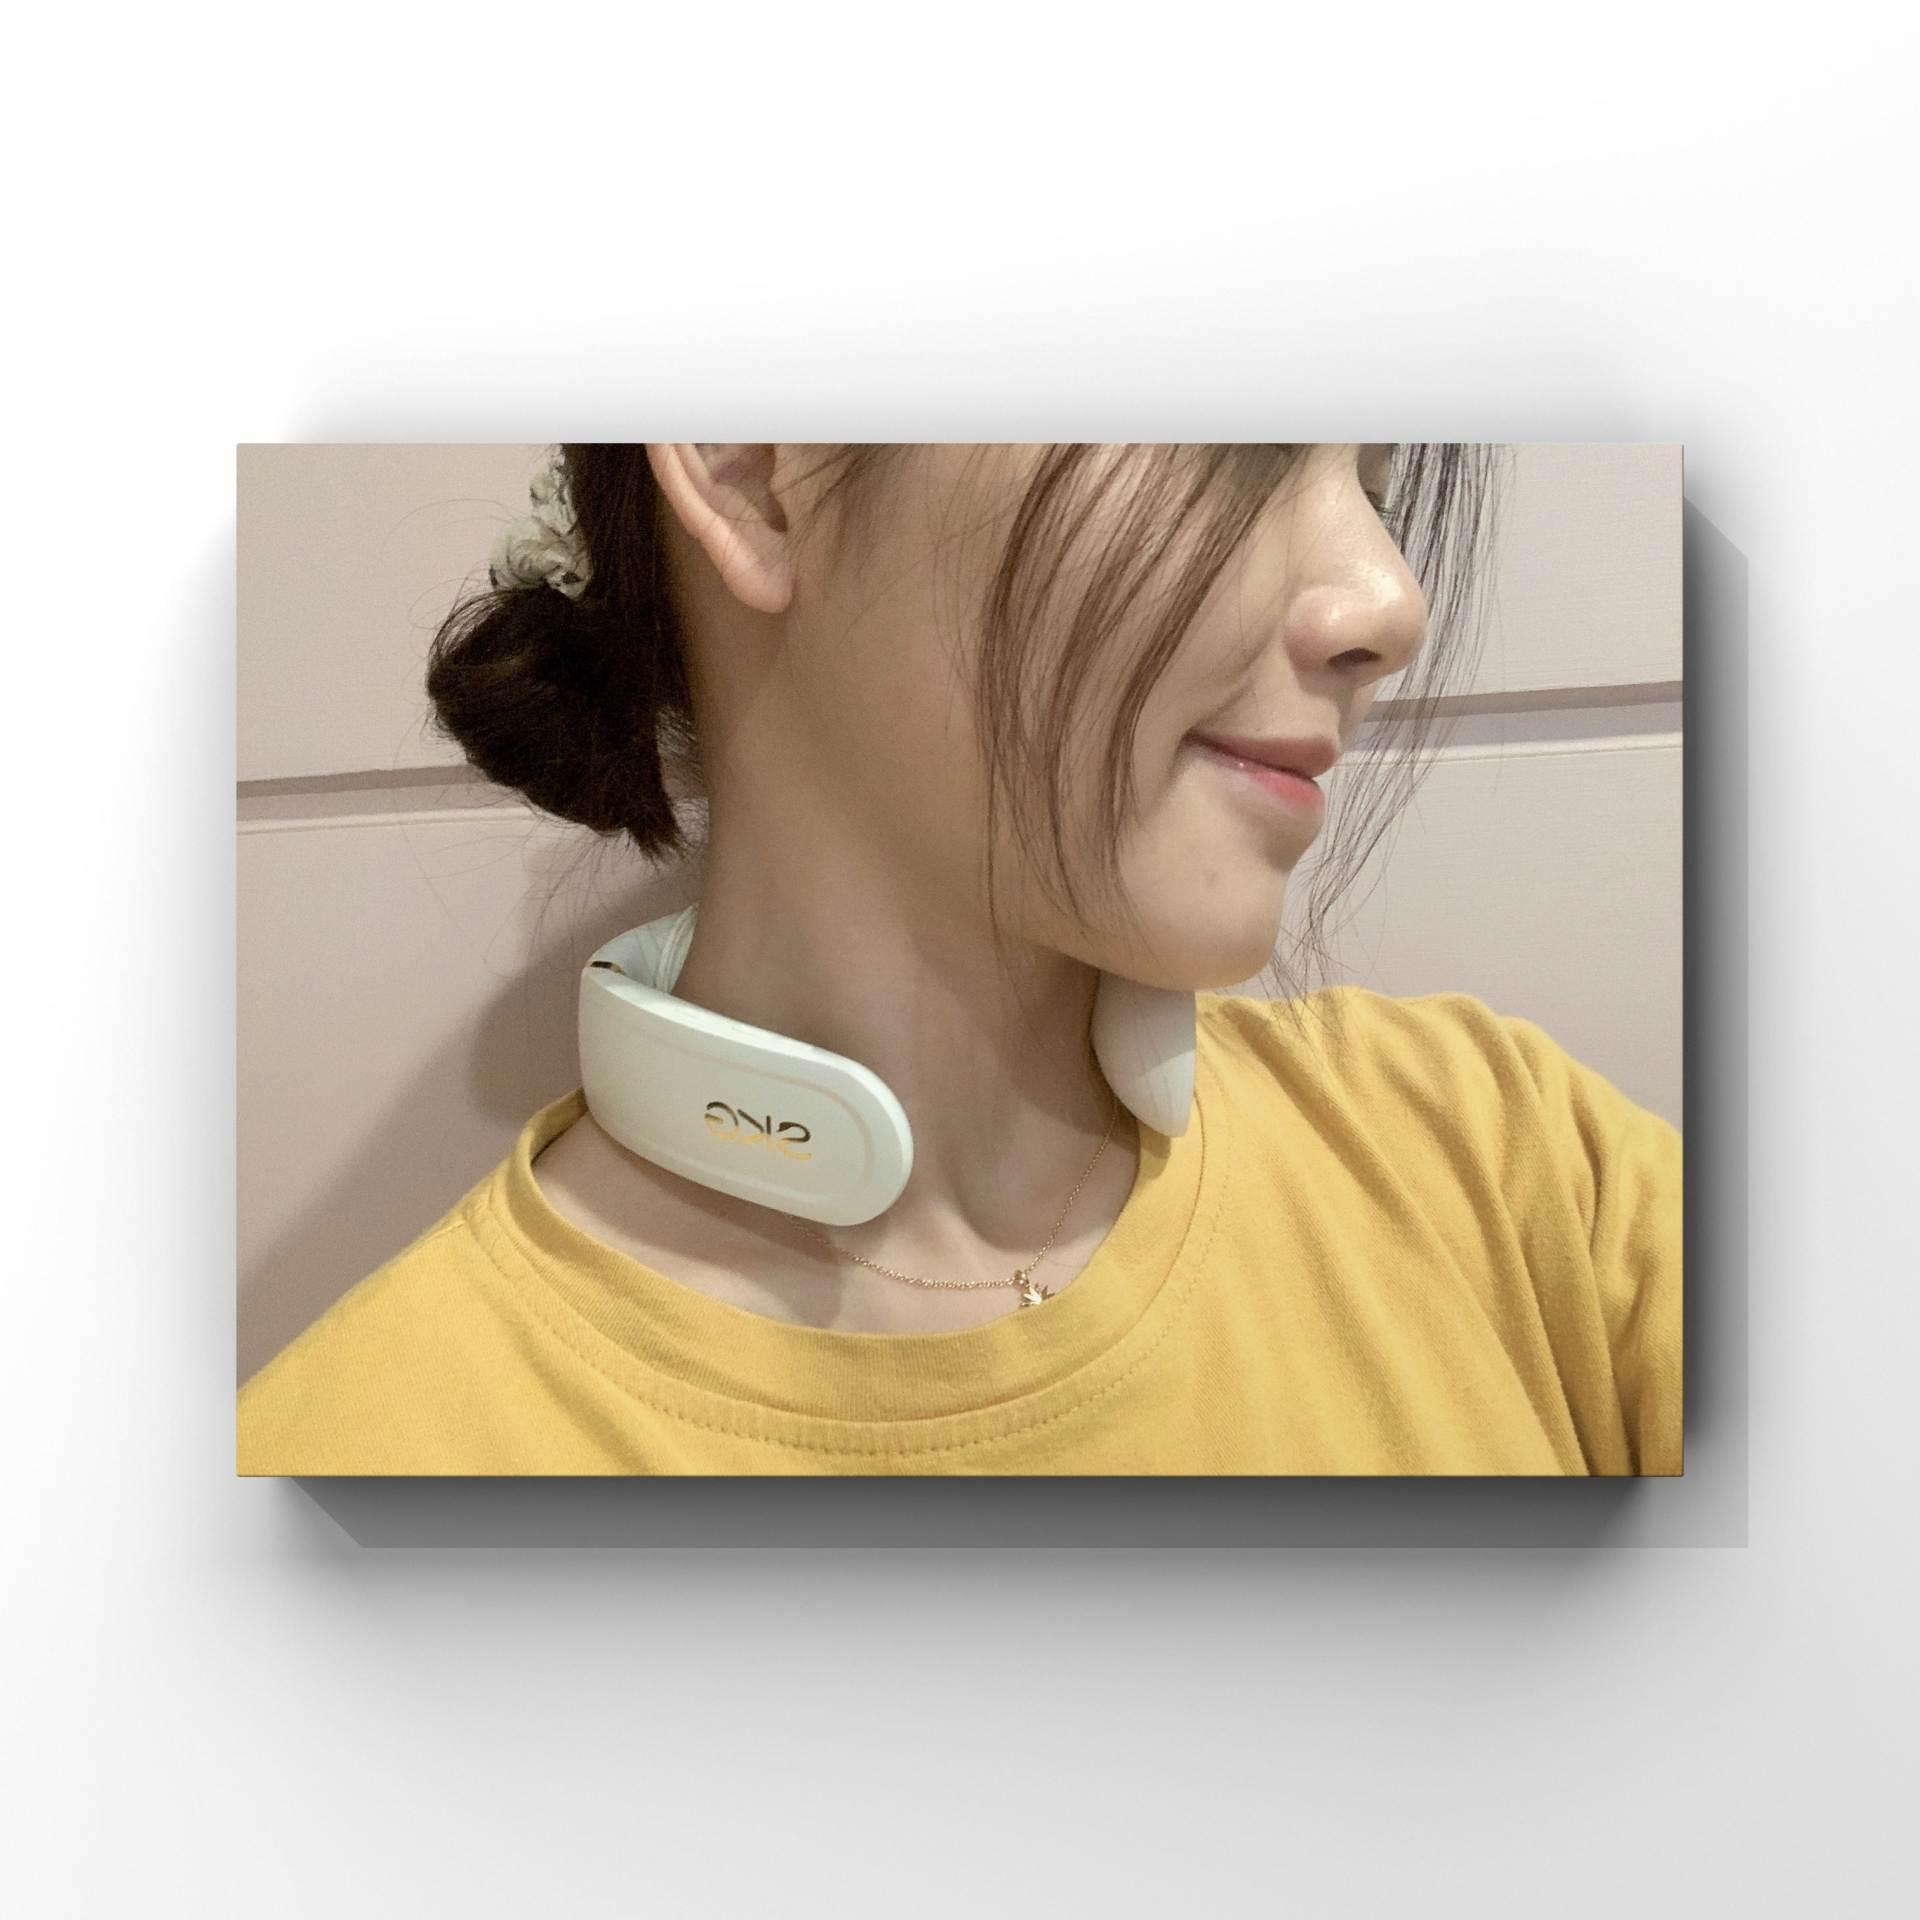 华为智选SKG智能颈椎按摩仪最新体验:打工人用它来讲好养生故事